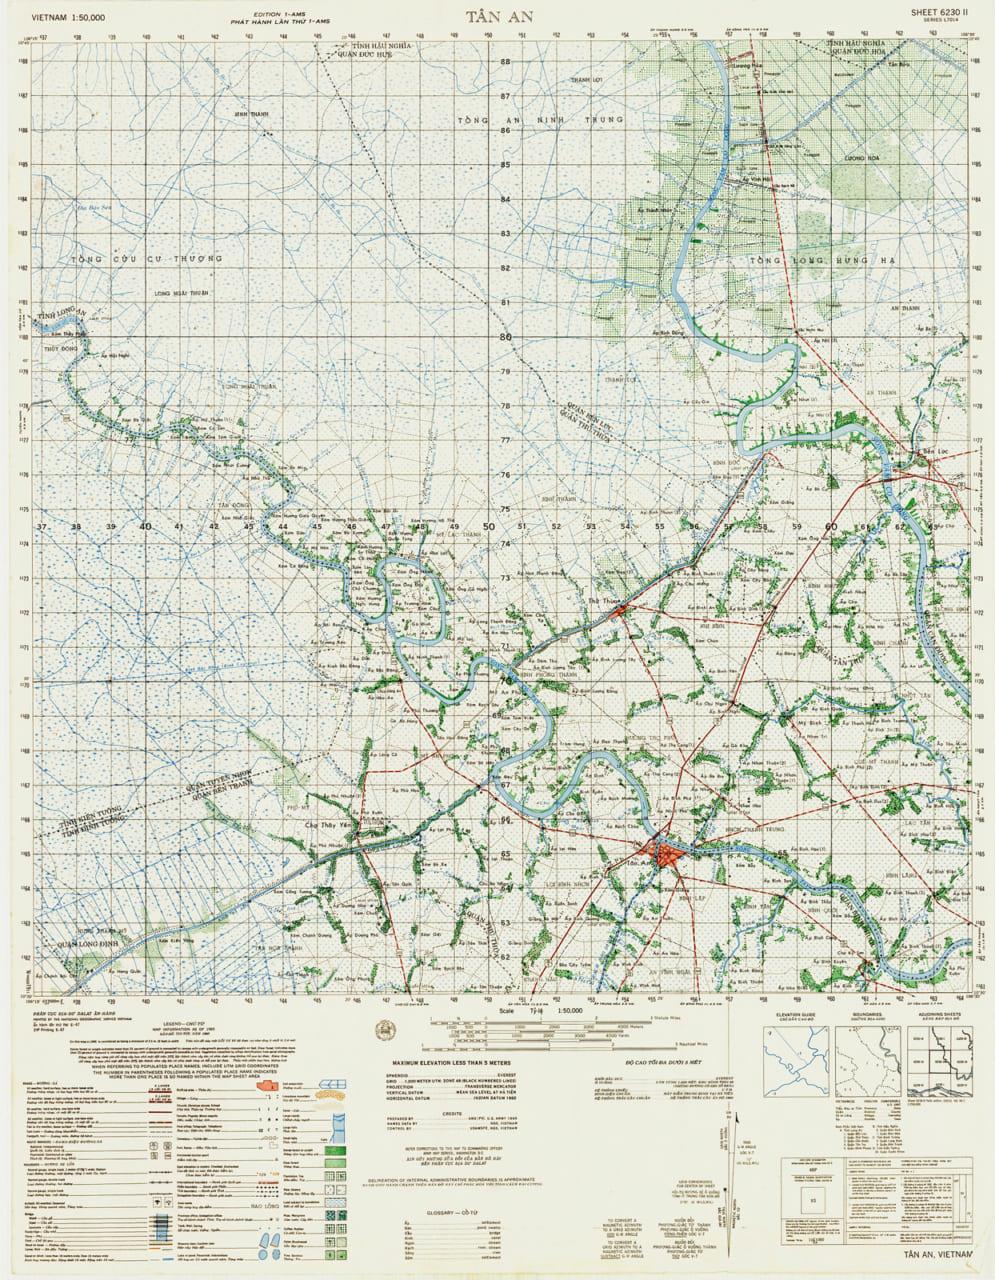 Bản đồ Tân An năm 1965